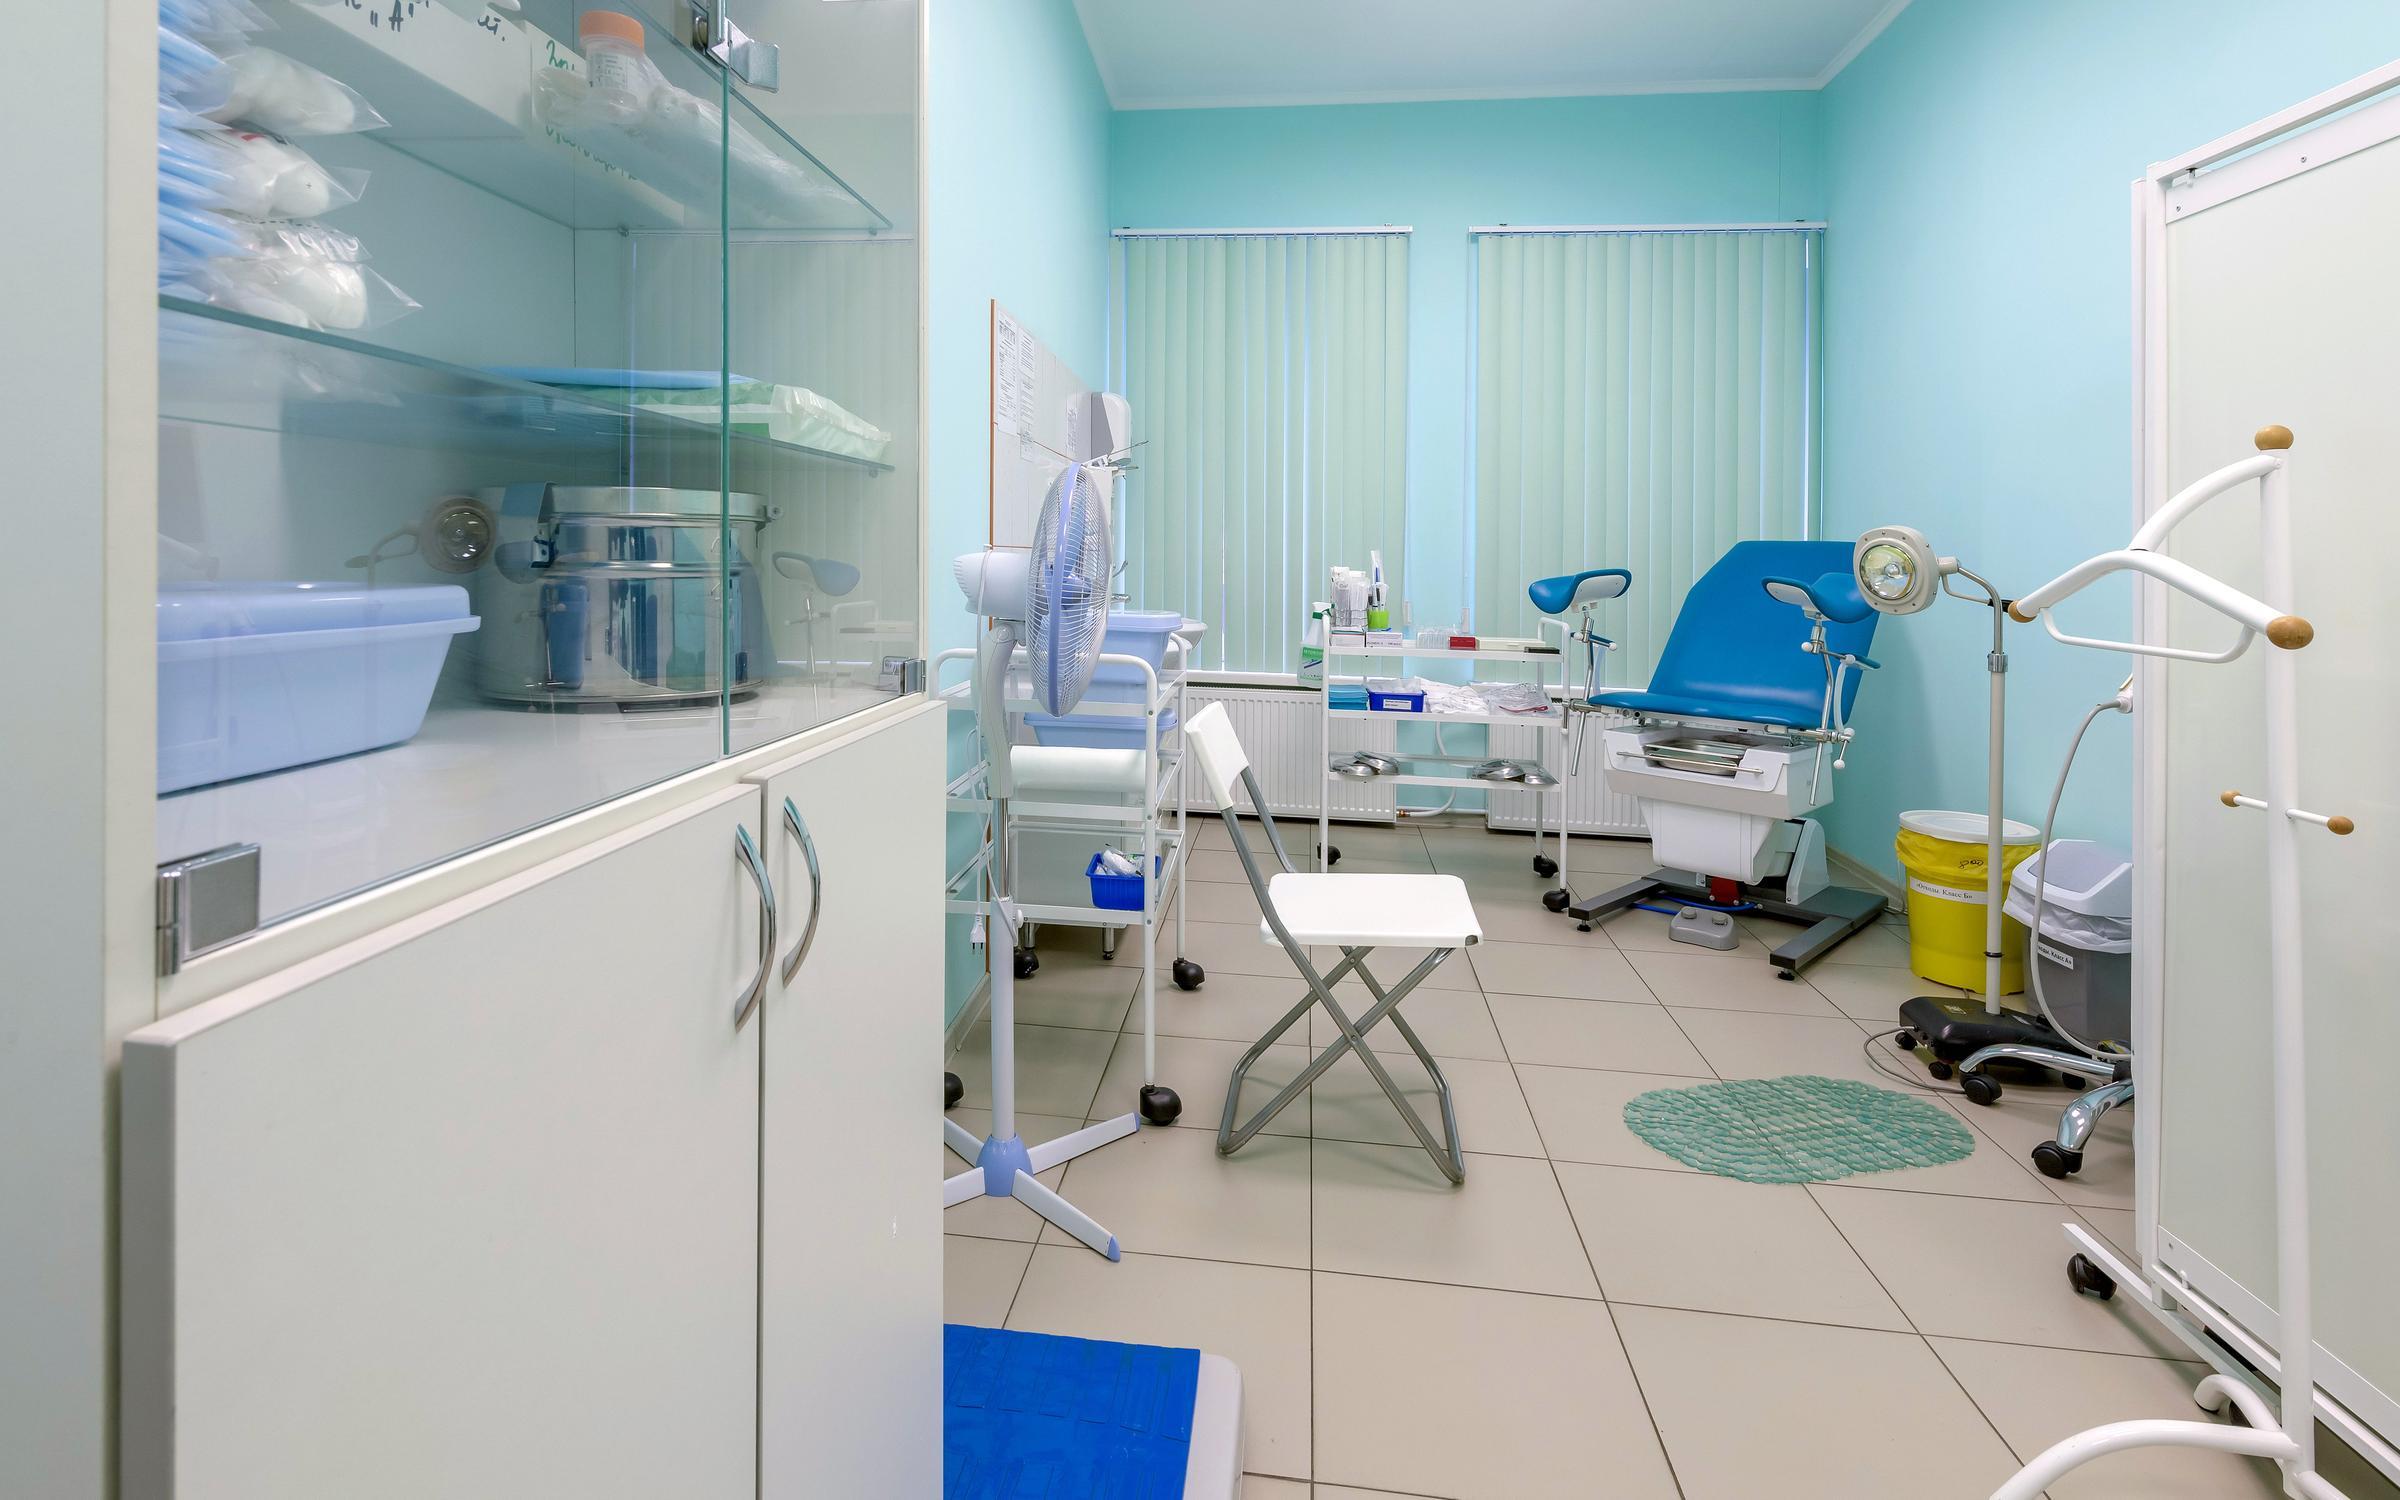 фотография Медицинского центра Аванта на Невском проспекте